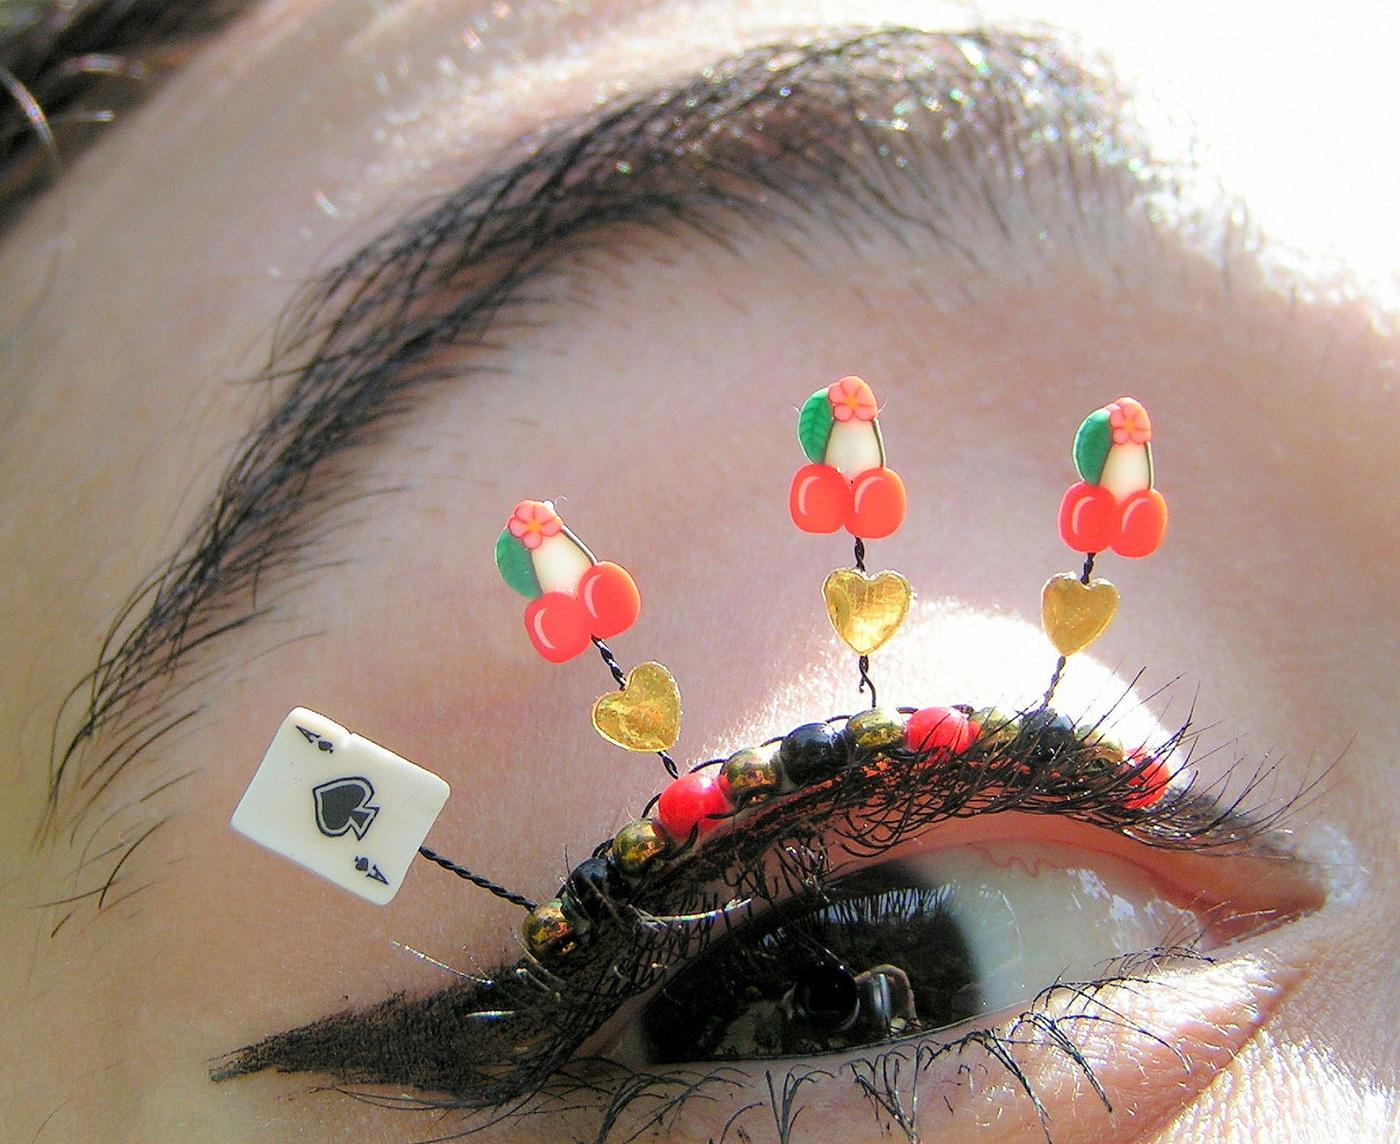 extreme-eyelashes-jewelry-art